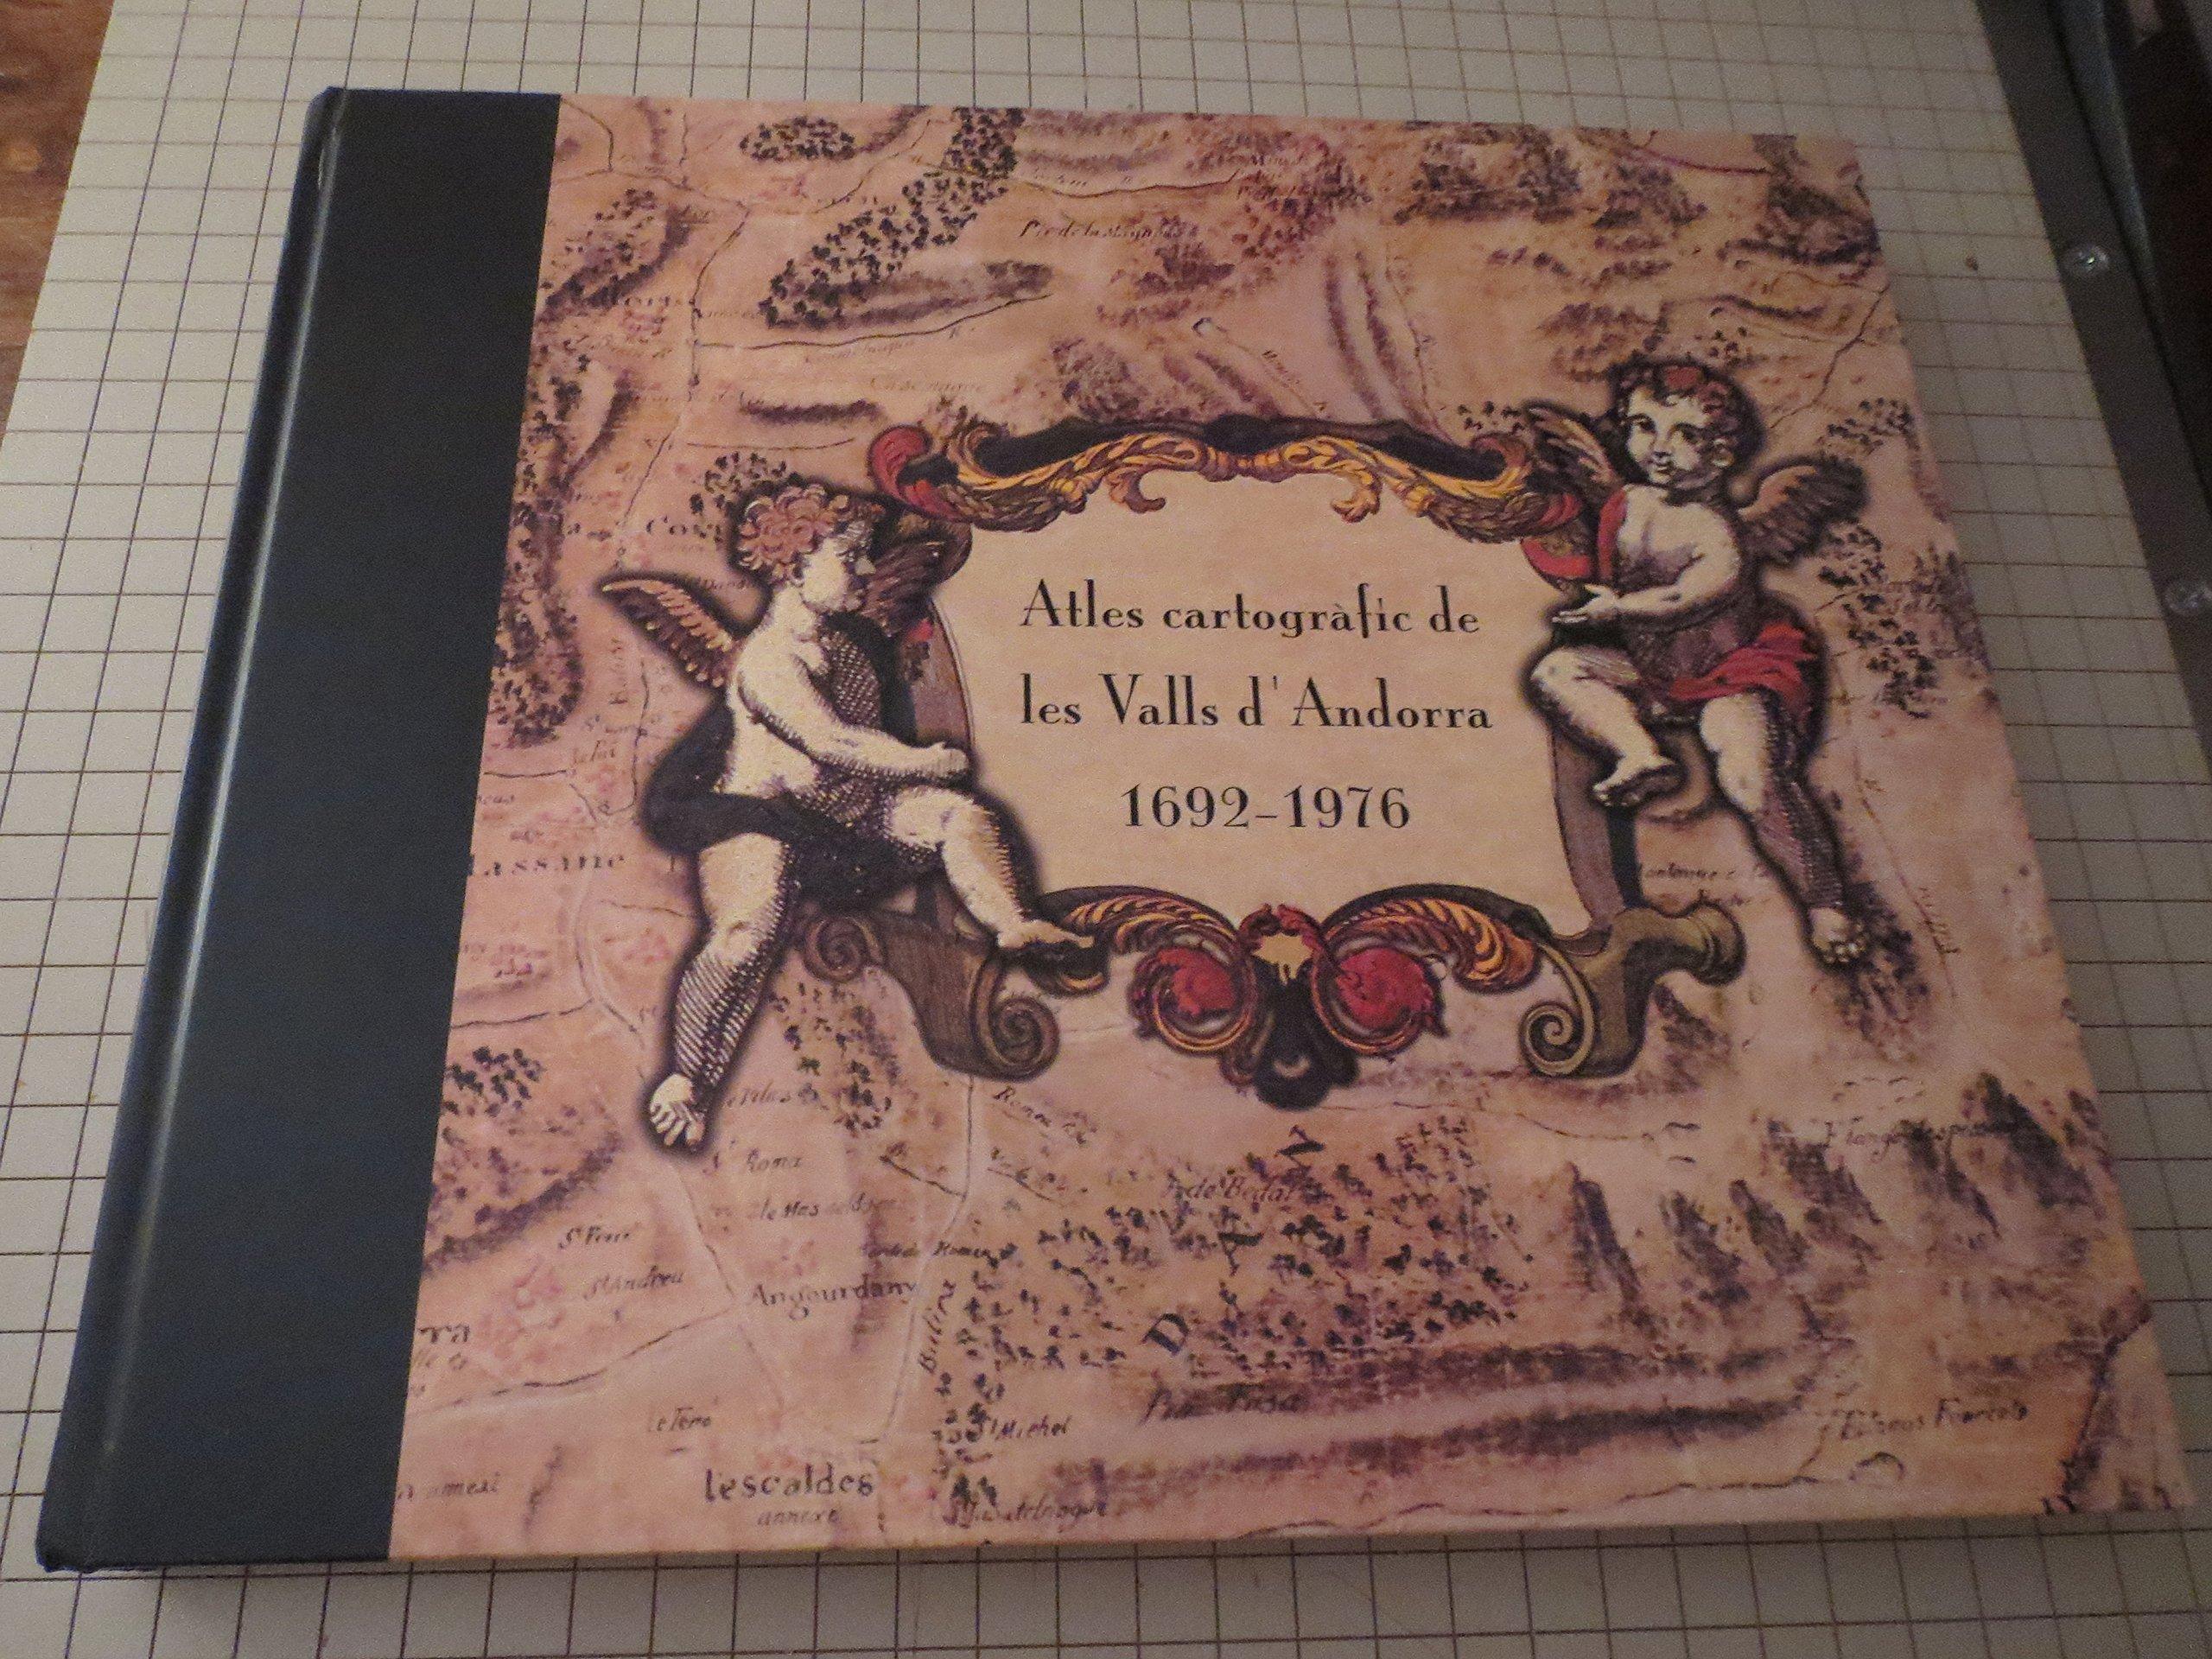 Atles cartogràfic de les valls d'Andorra, 1692-1976 (Catalan Edition)